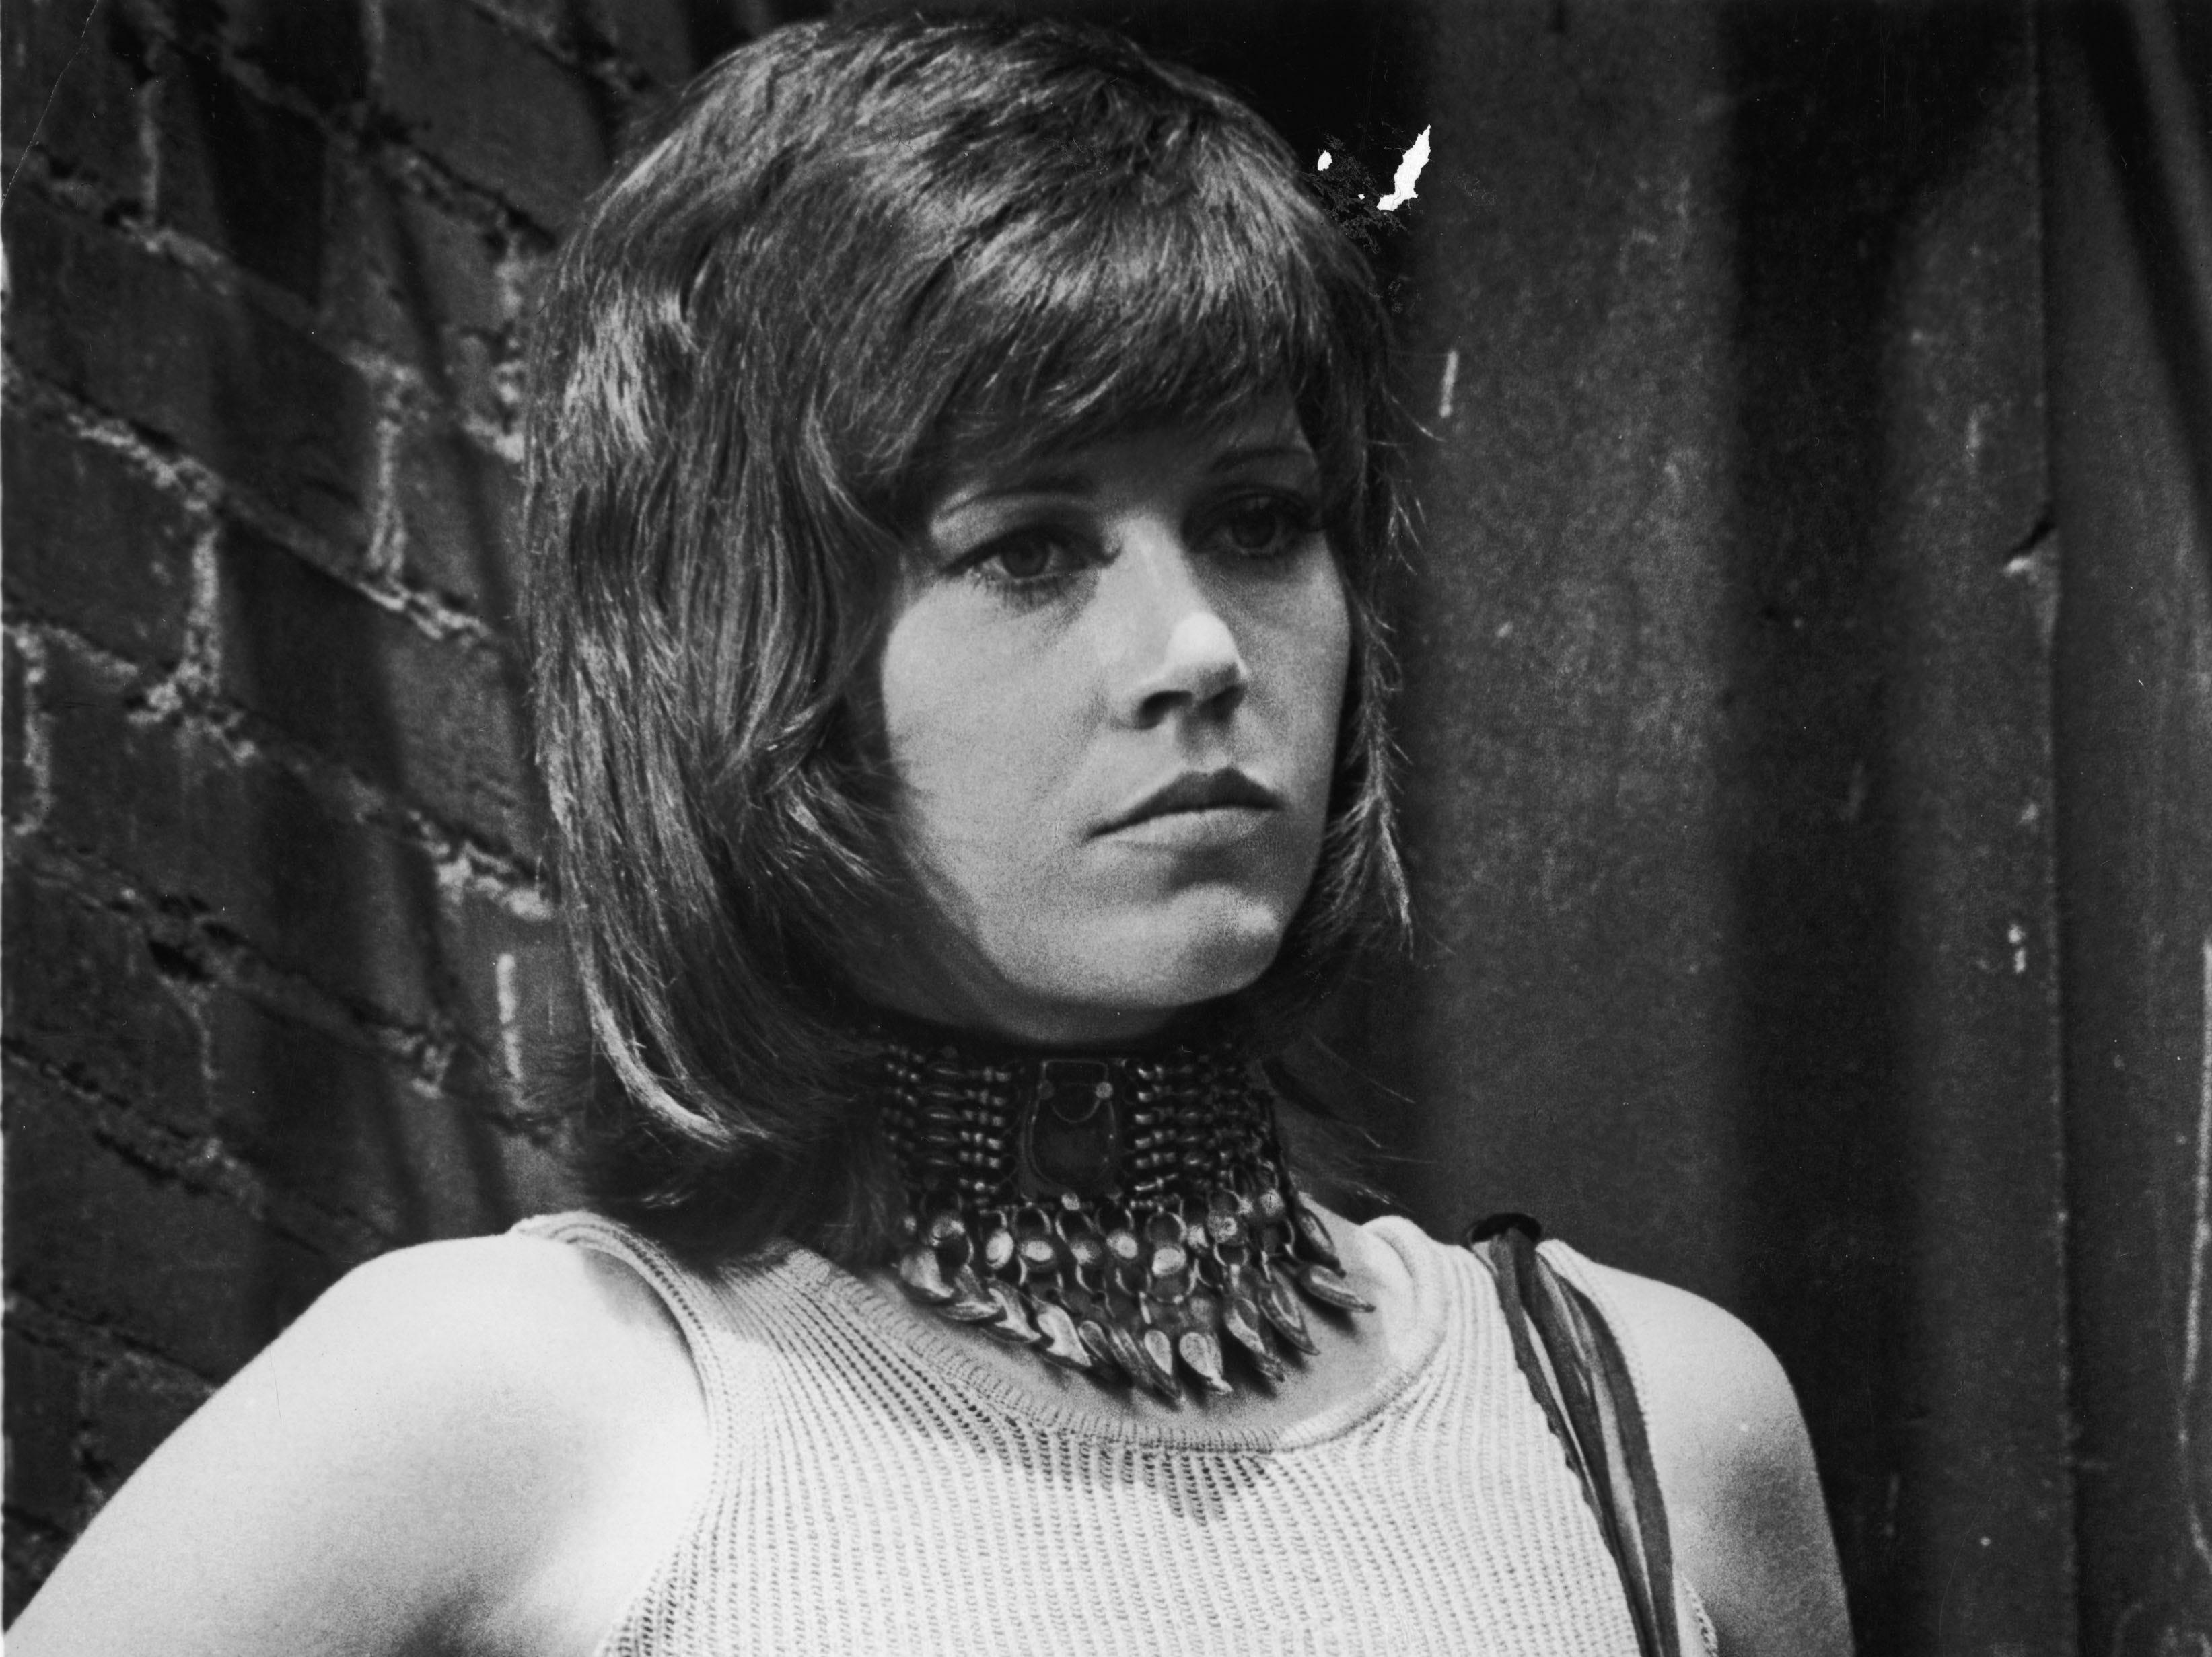 """Jane Fonda in a scene from the 1971 film """"Klute""""."""